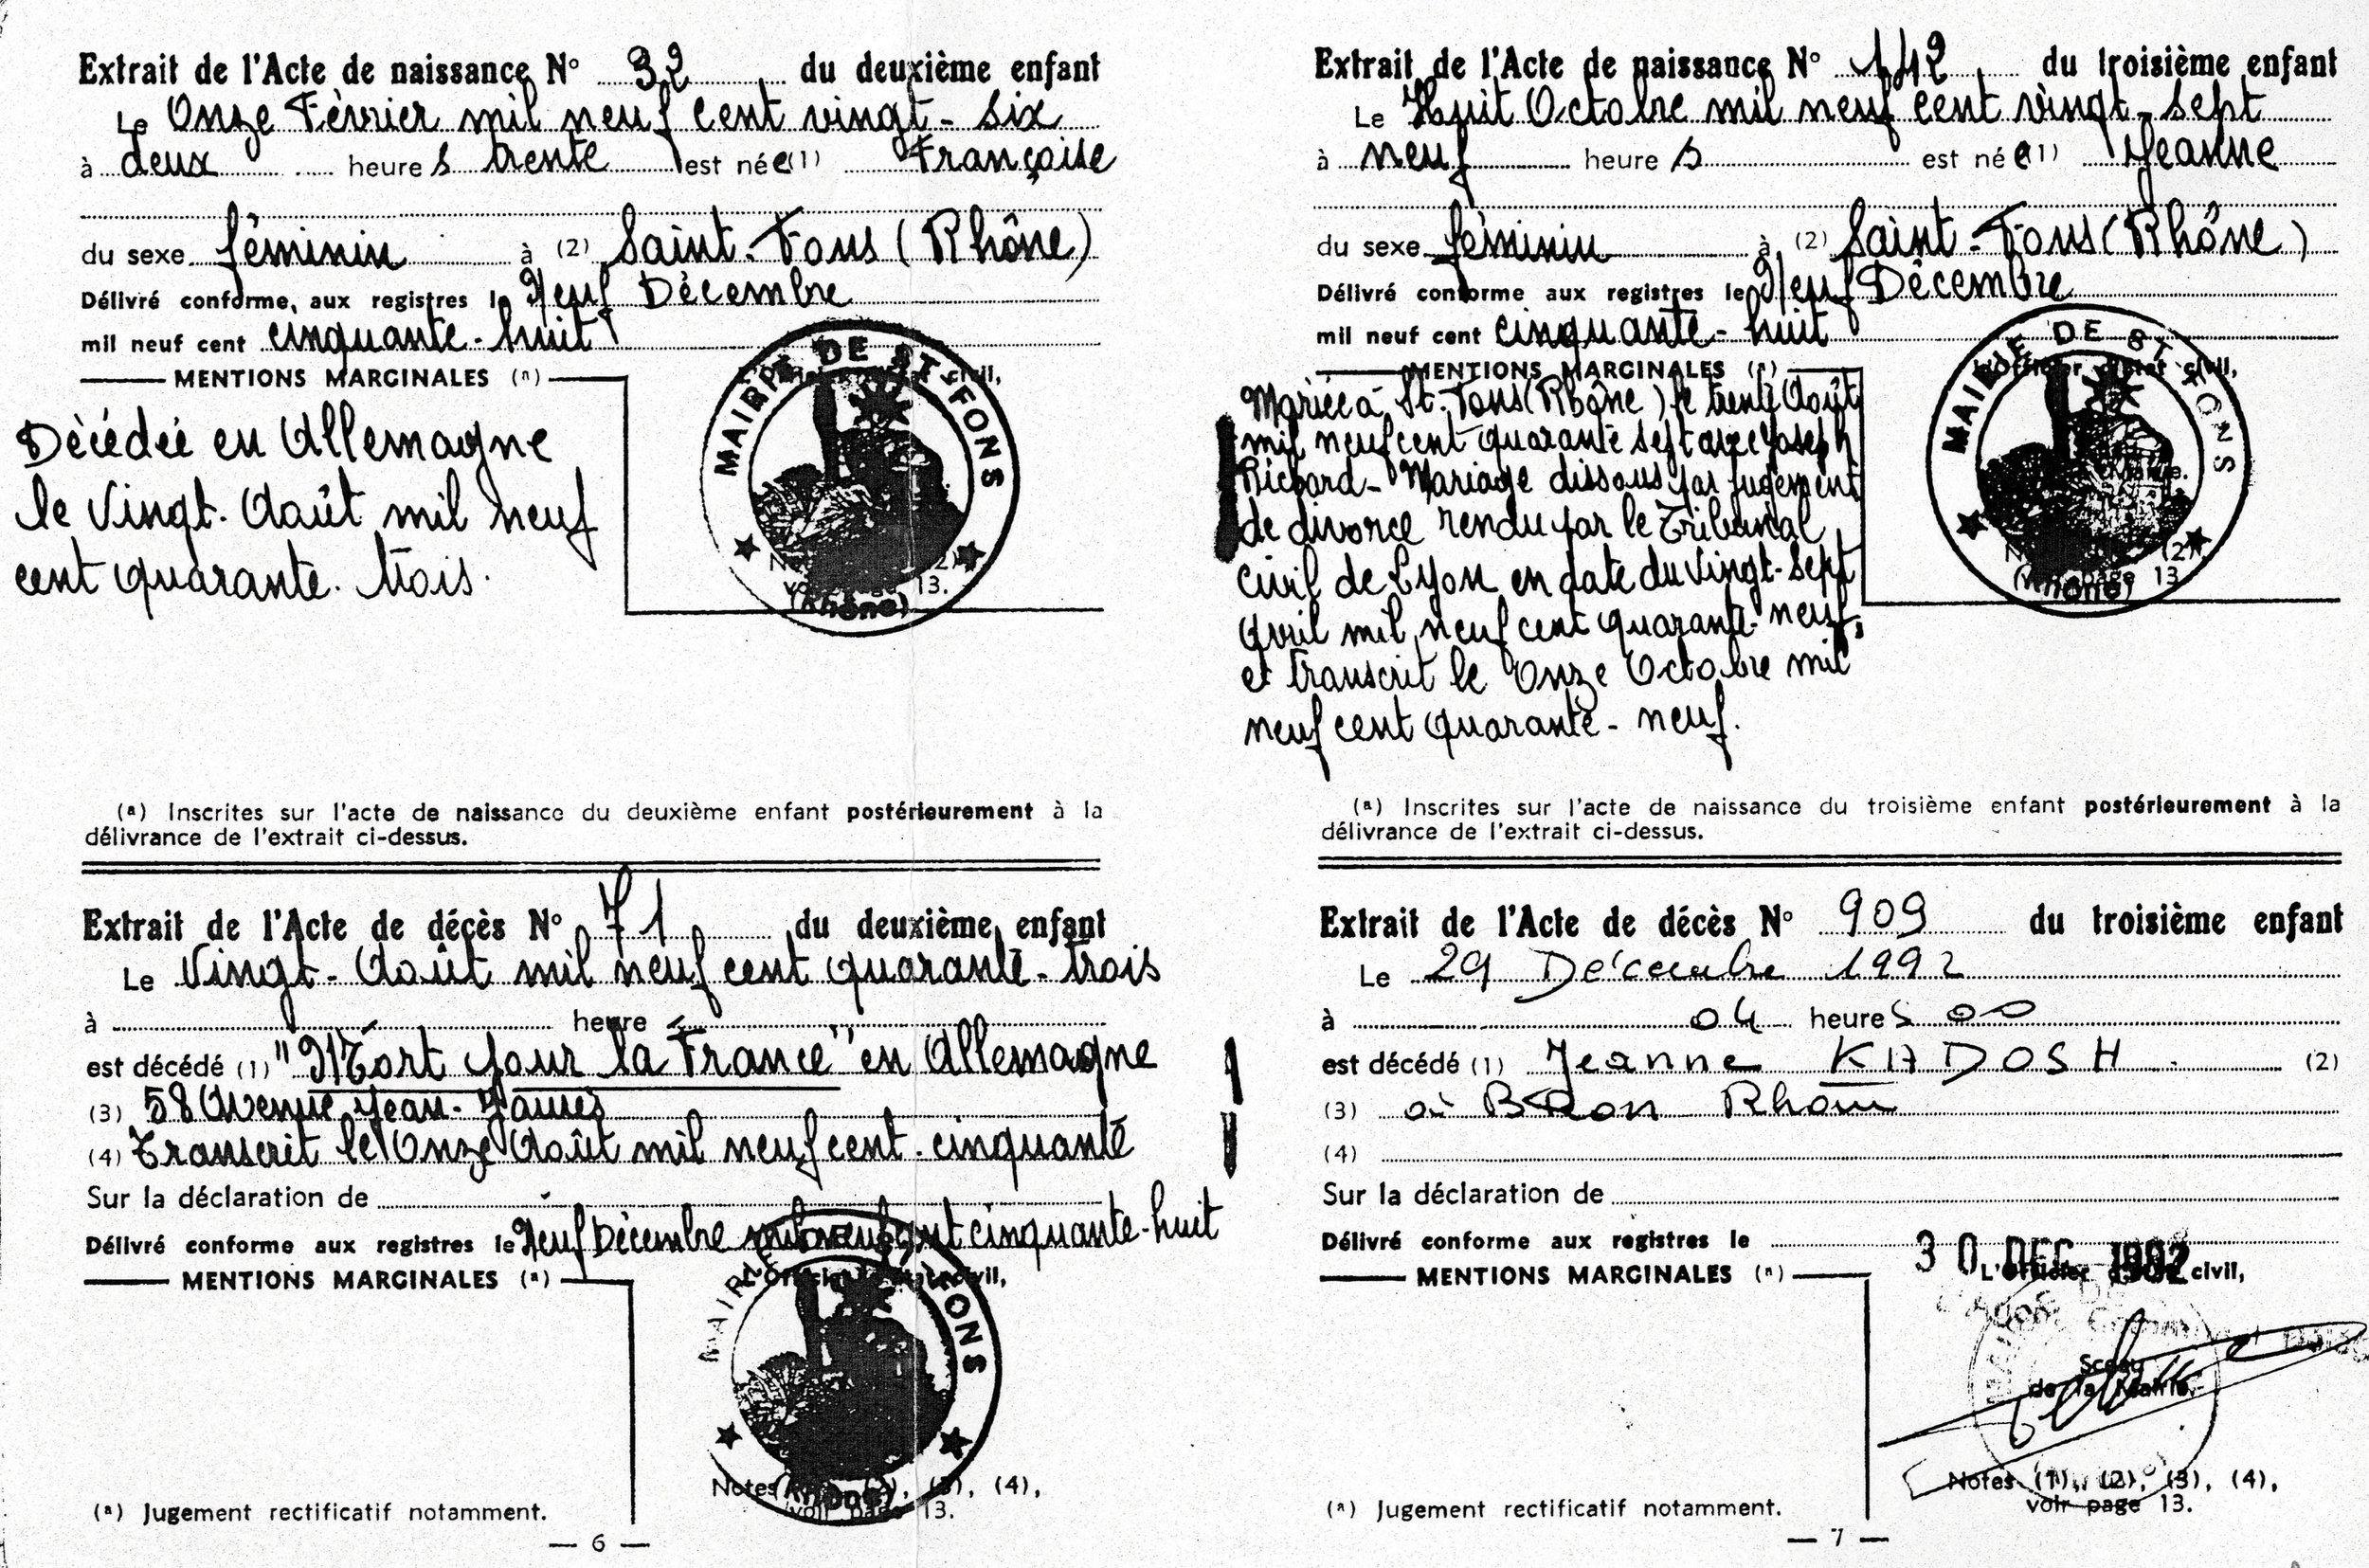 Acte de mariage / décès / naissance, page 3, Kadosch, Saint-Fons